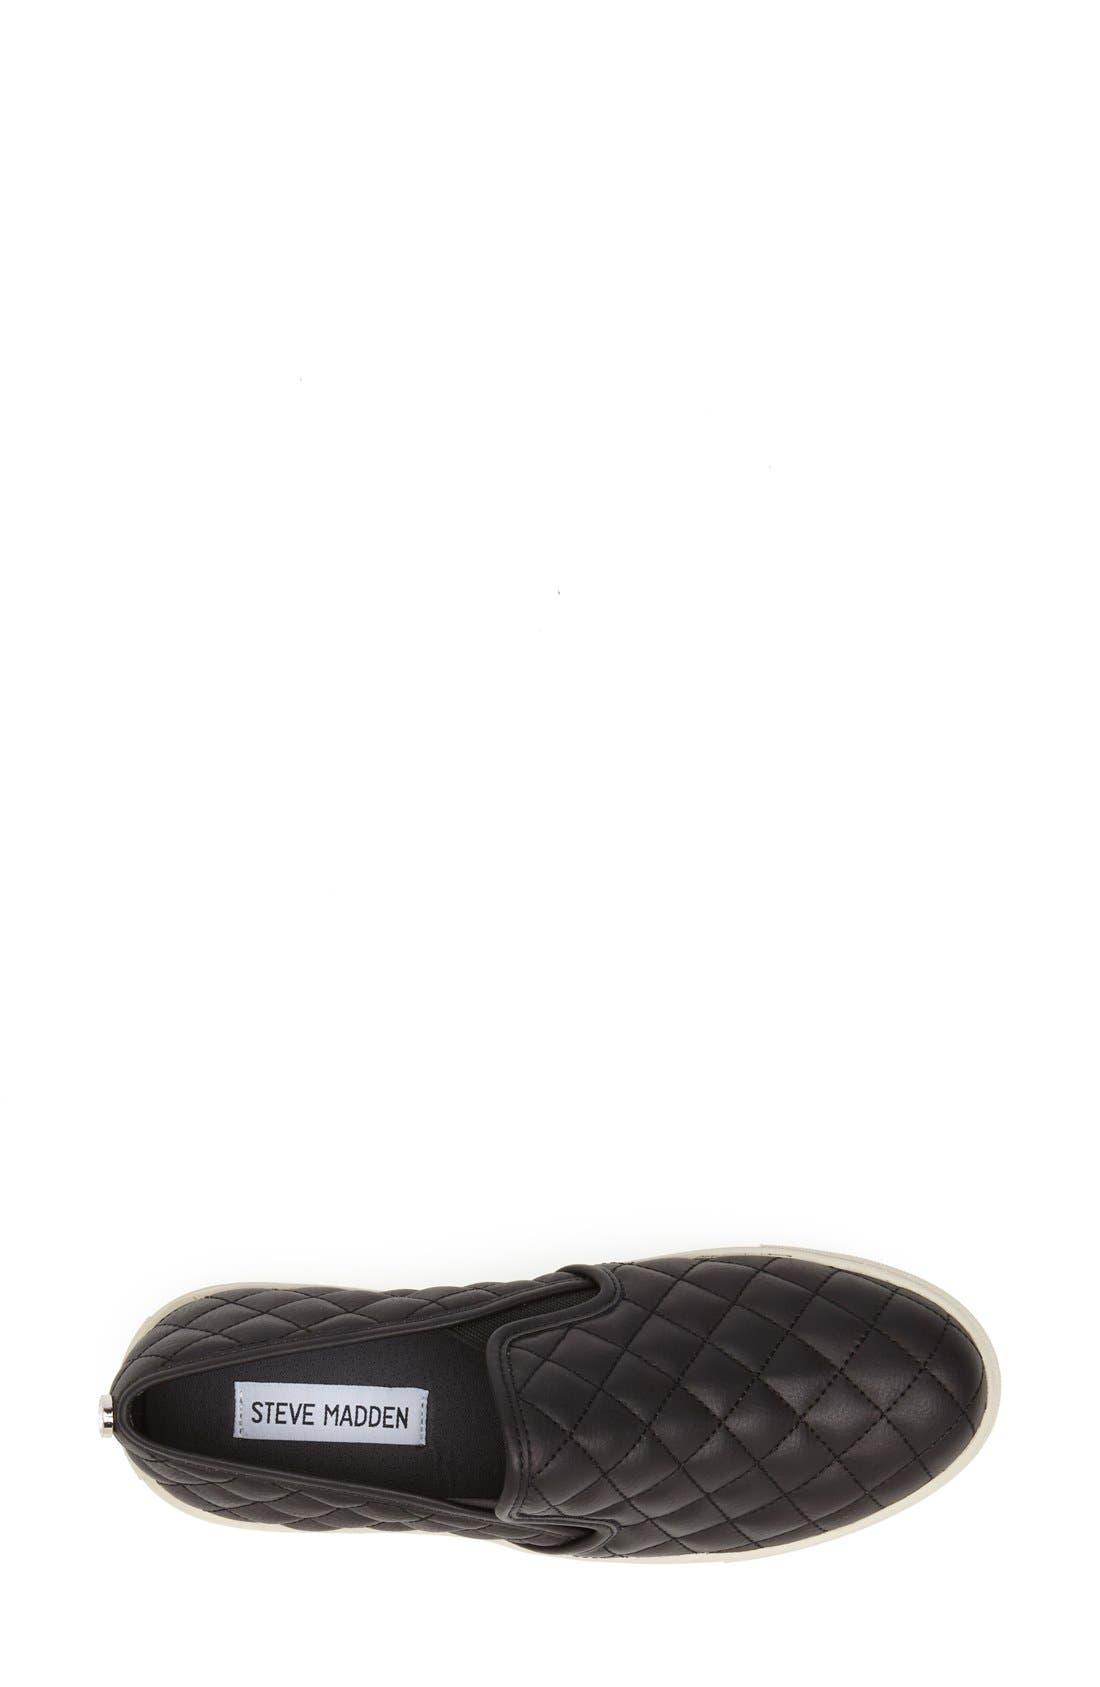 Alternate Image 3  - Steve Madden 'Ecentrcq' Sneaker (Women)